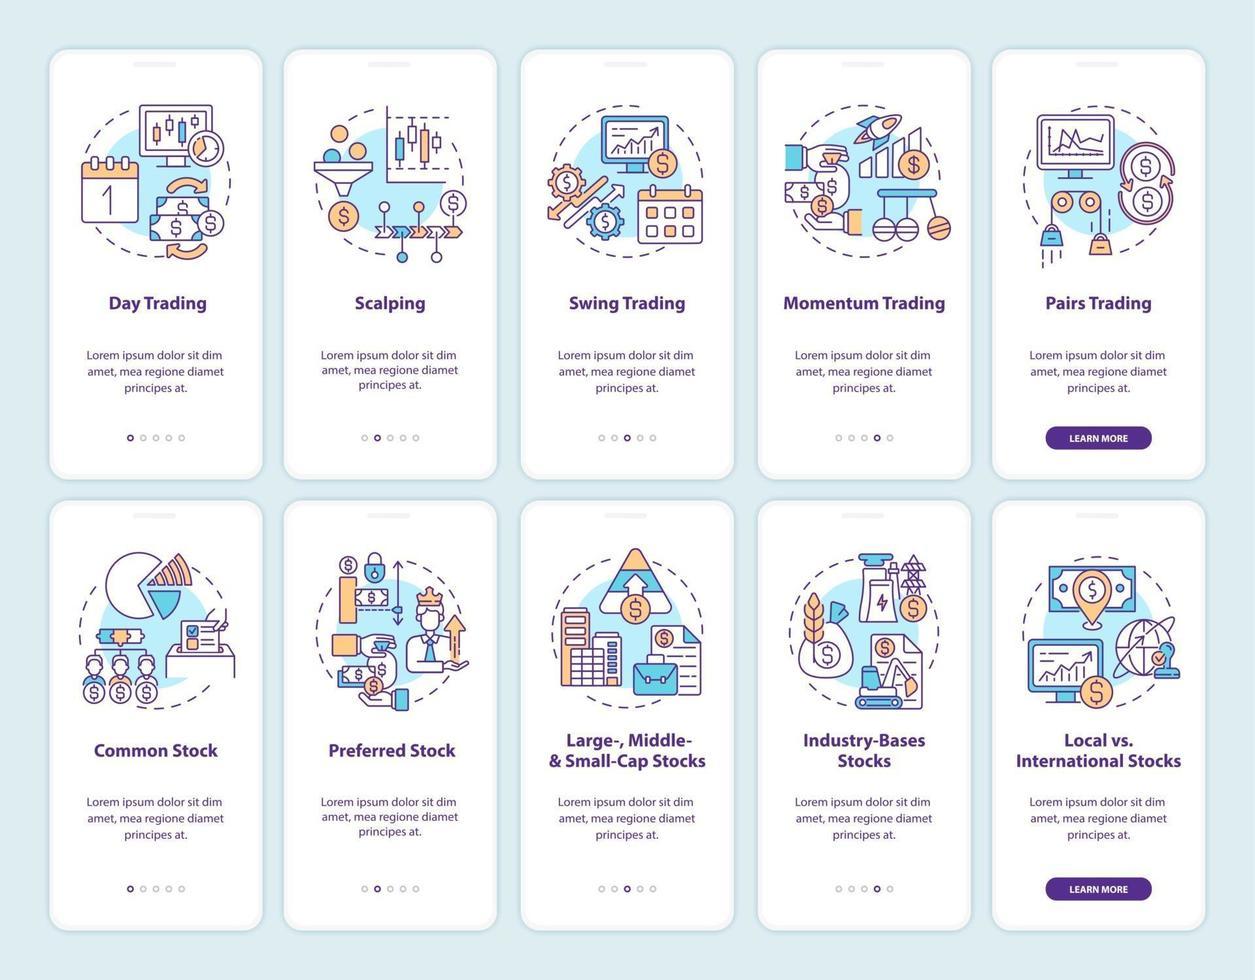 acquisto e vendita di azioni onboarding schermata della pagina dell'app mobile con concetti impostati vettore